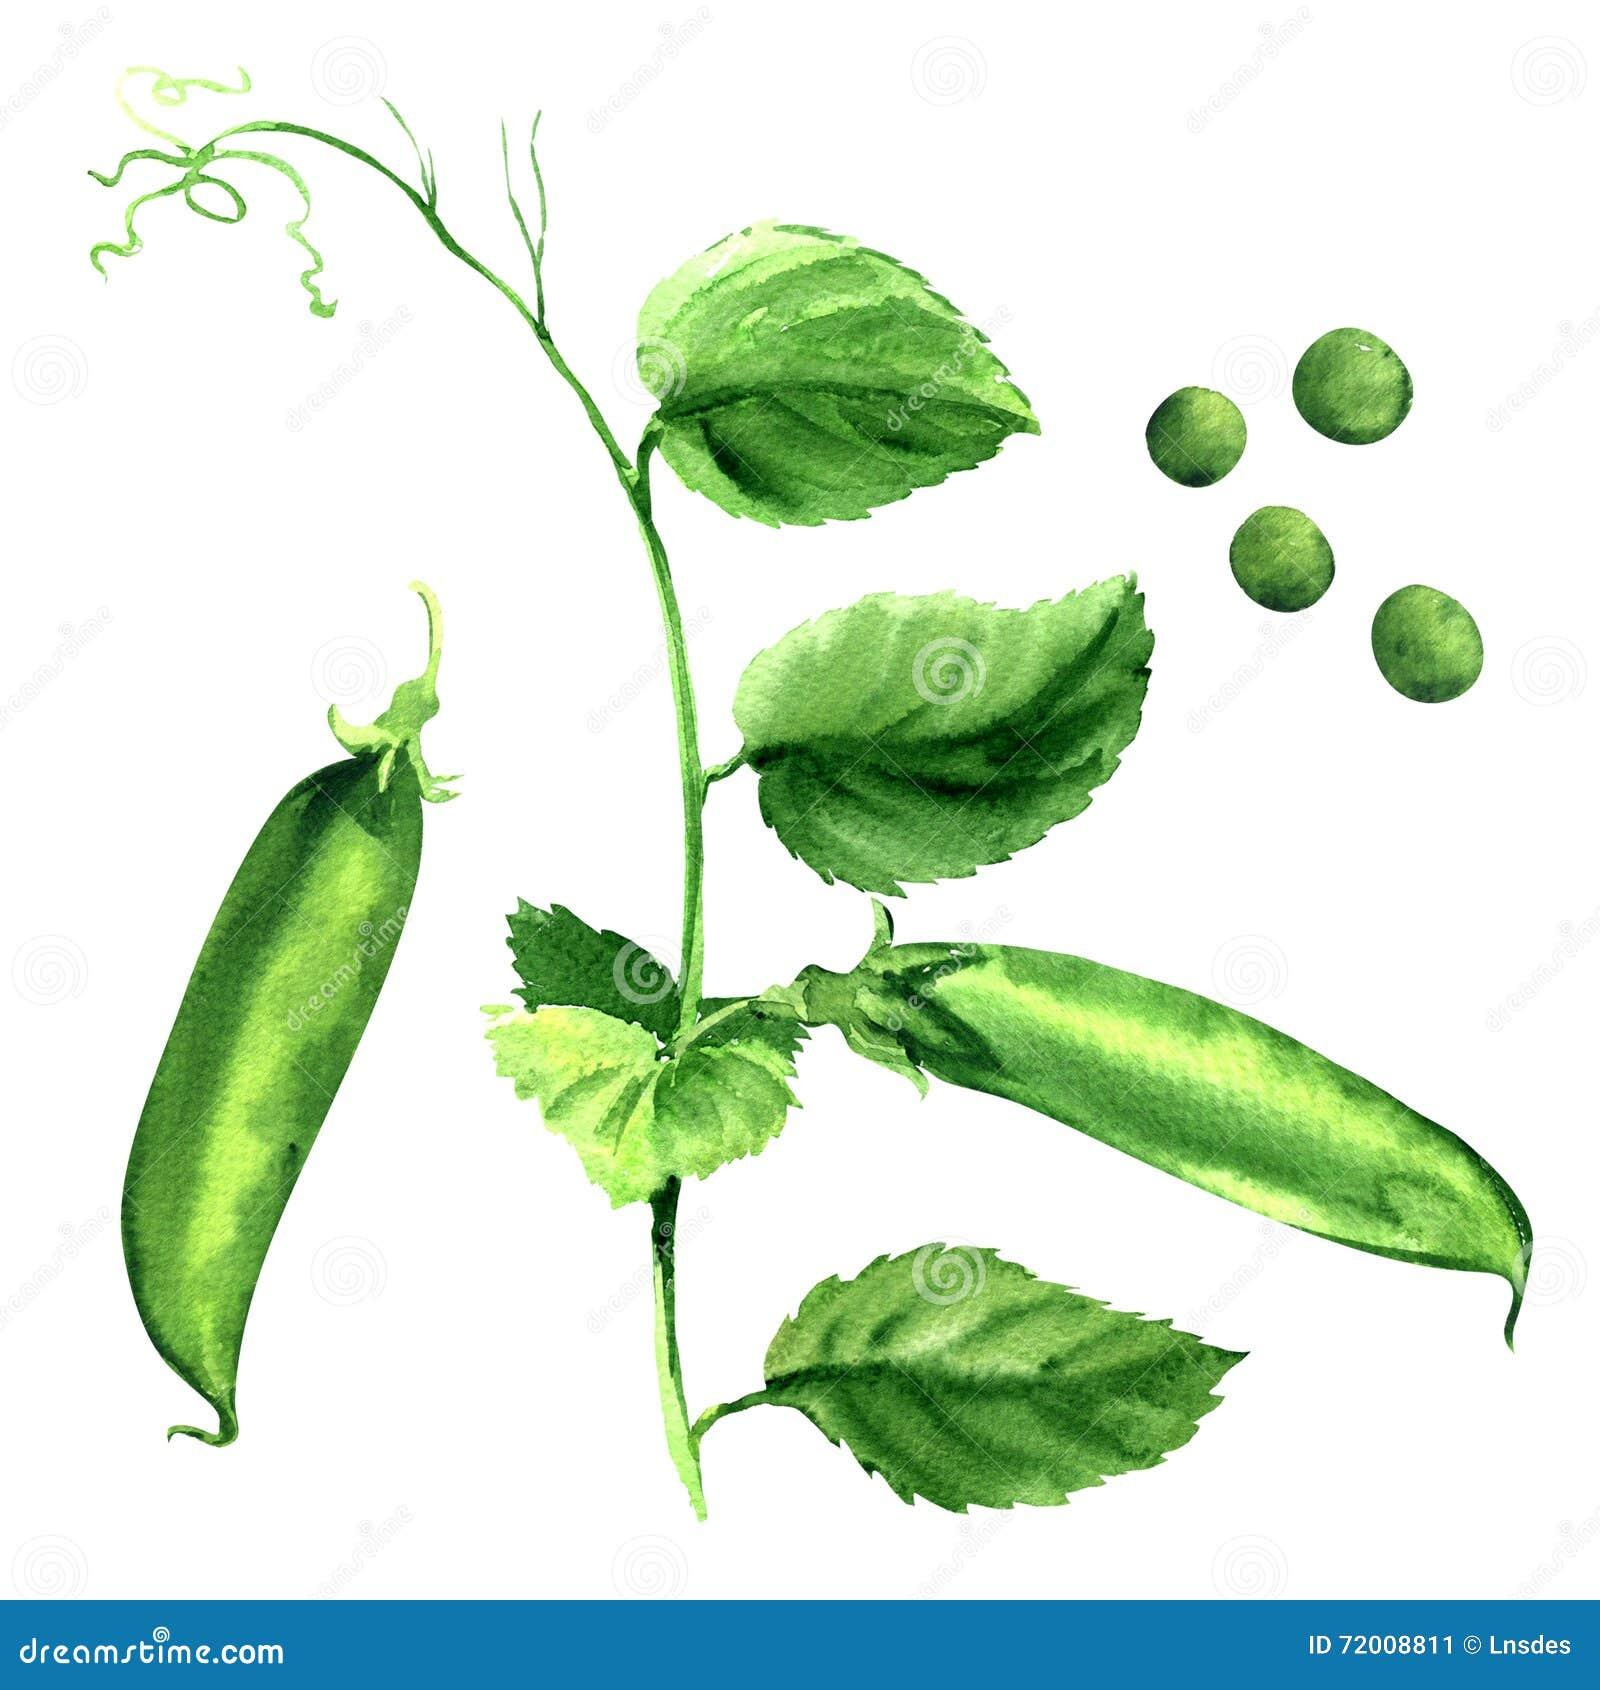 Ny fröskida för grön ärta, ärtaväxt som isoleras, vattenfärgillustration